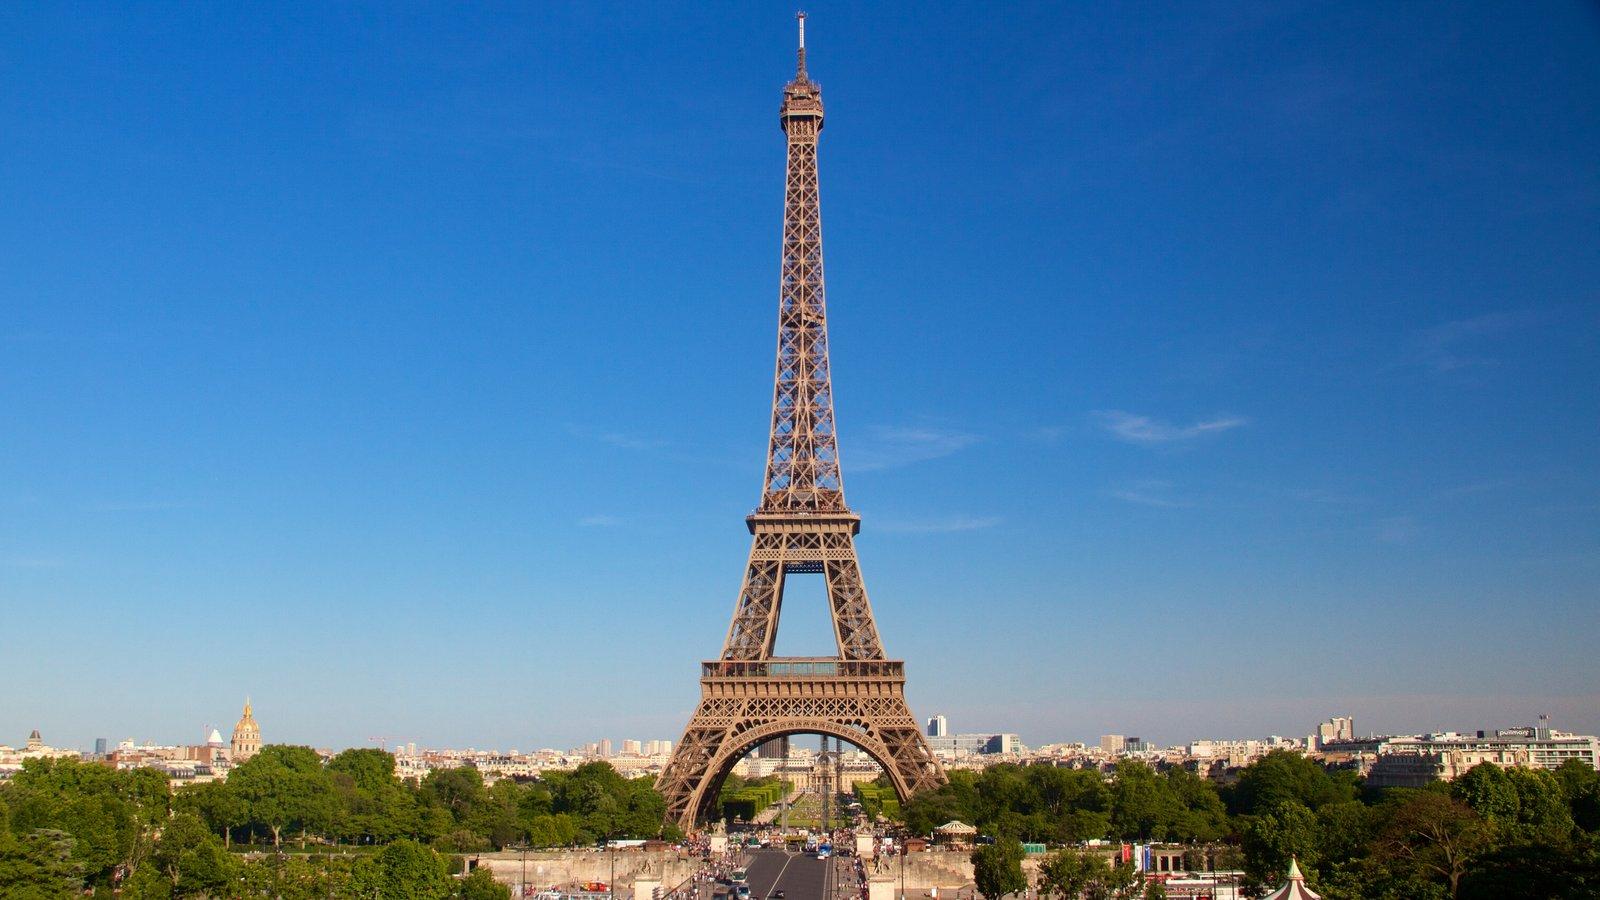 Torre Eiffel caracterizando linha do horizonte, elementos de patrimônio e arquitetura de patrimônio